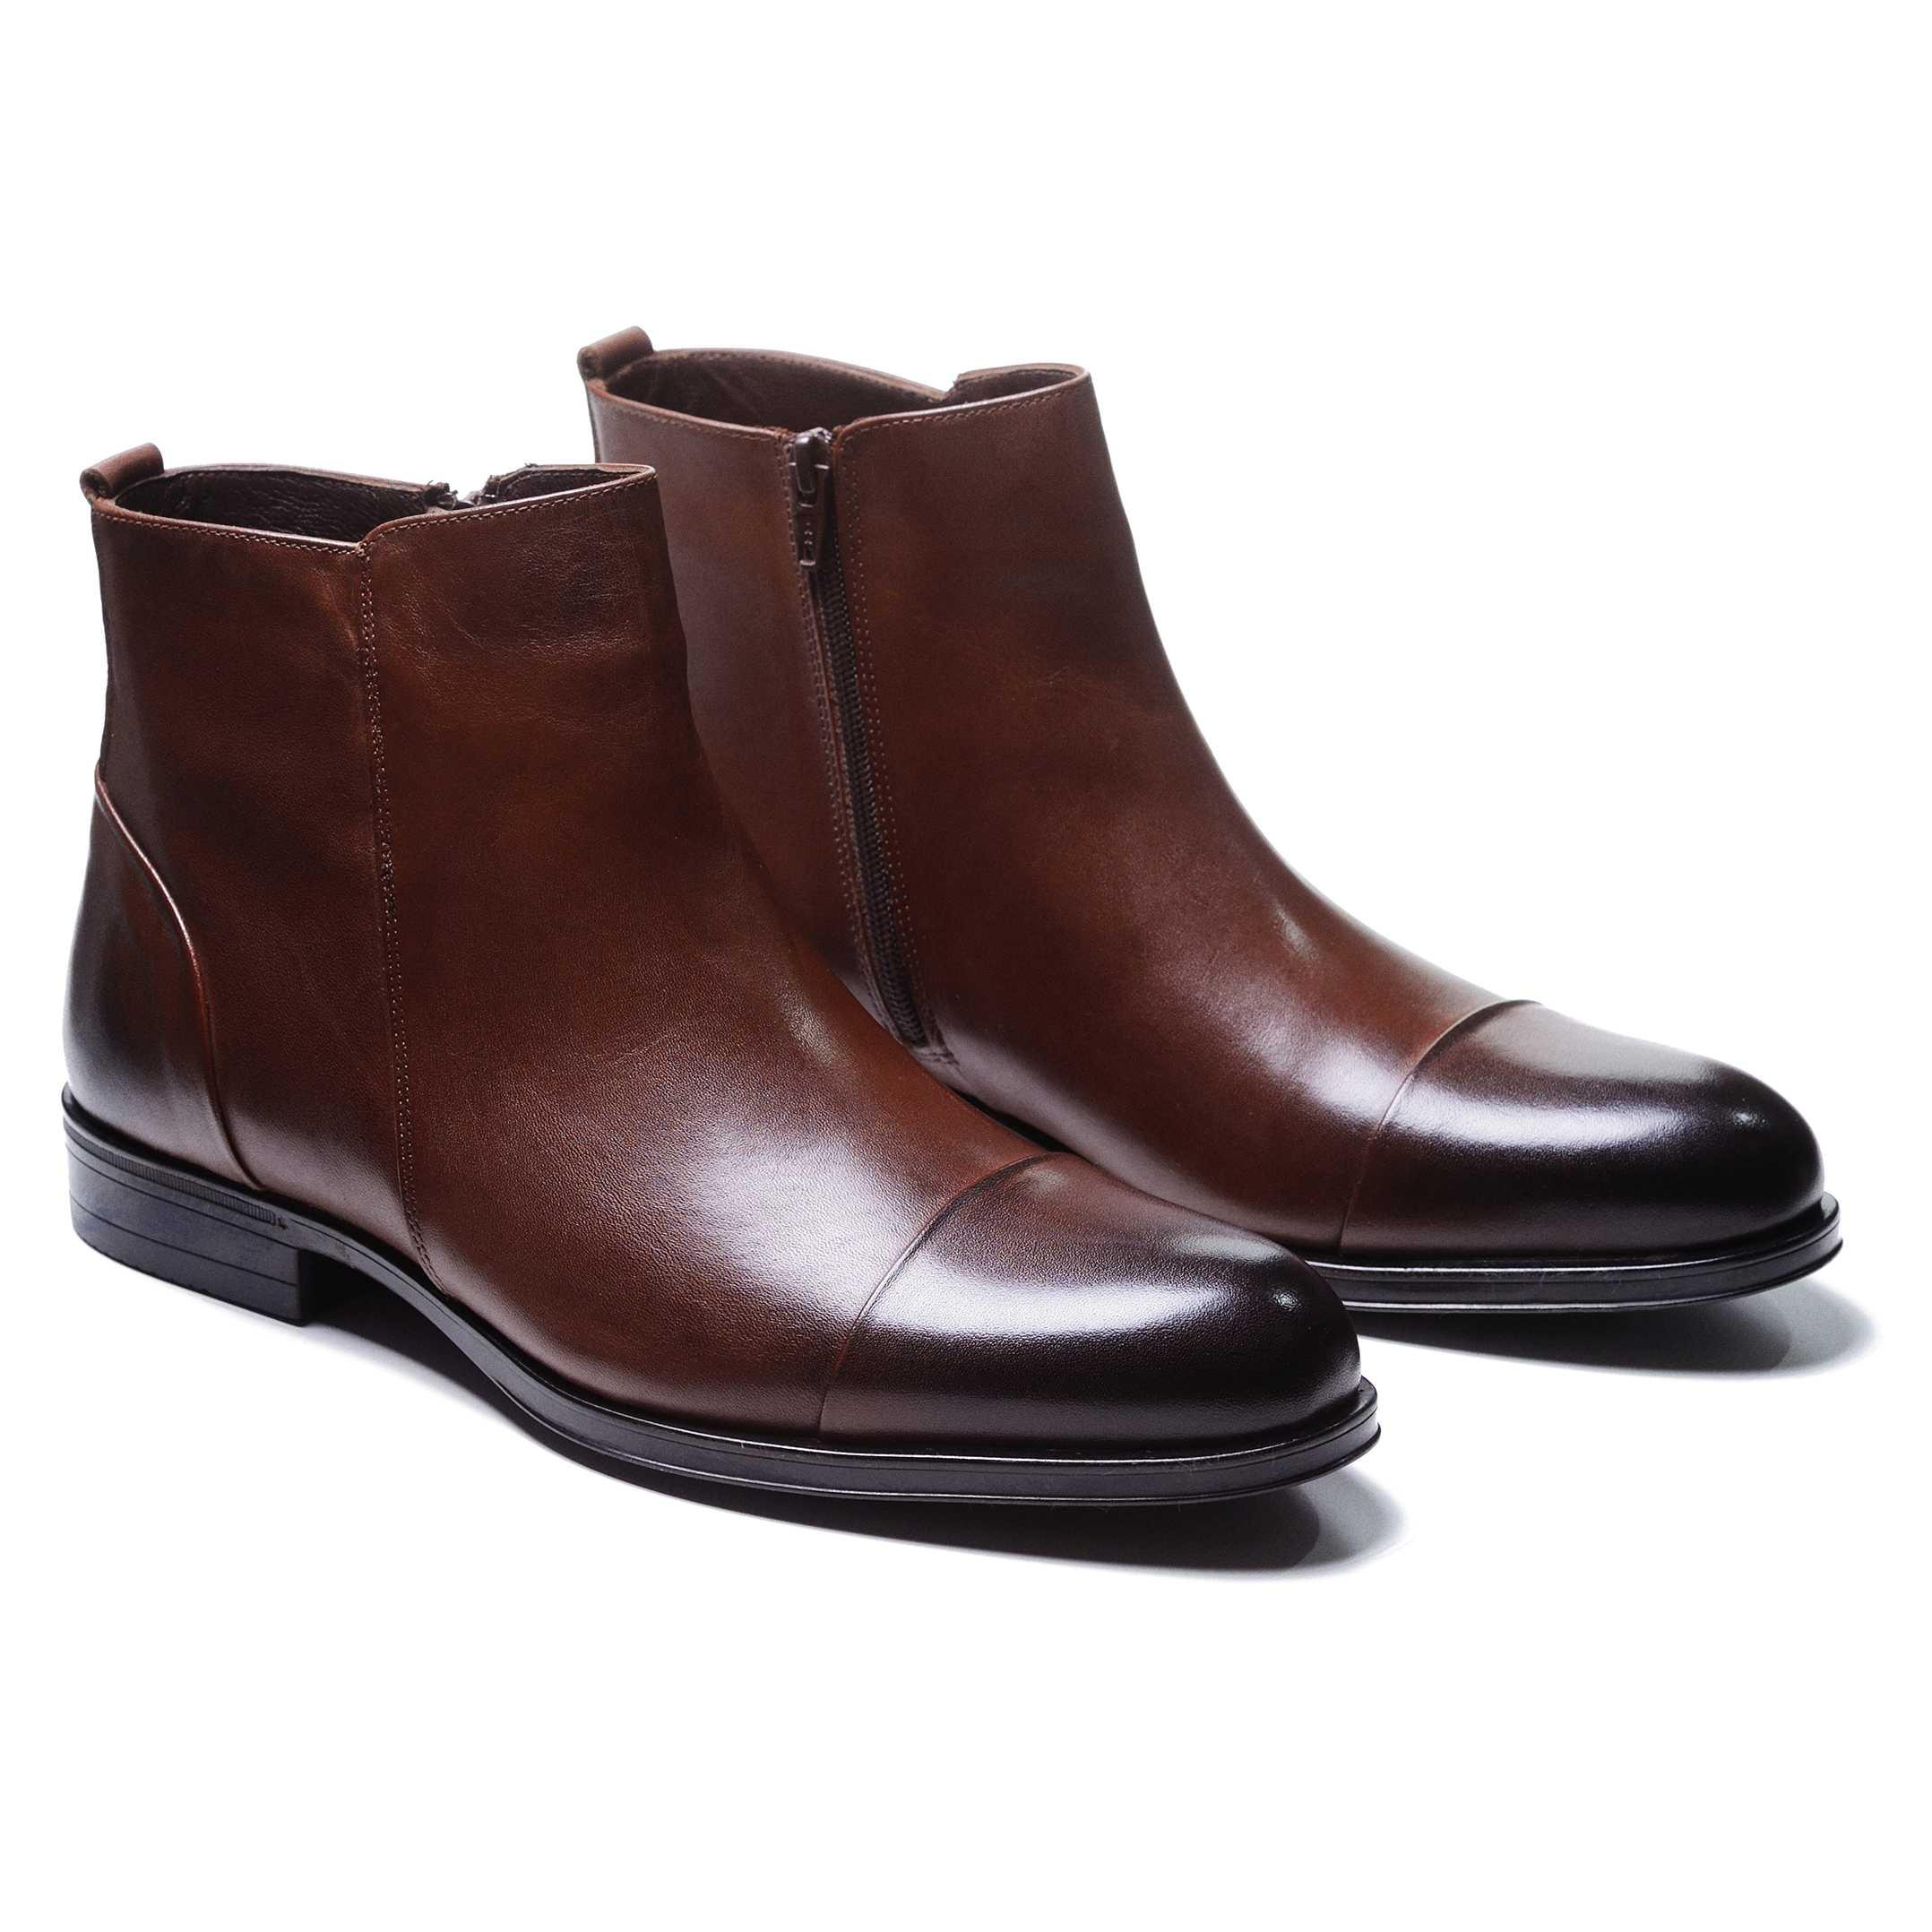 Ботинки мужские коричневые с отрезным мысом сбоку на замке (cap toe side zip boot)